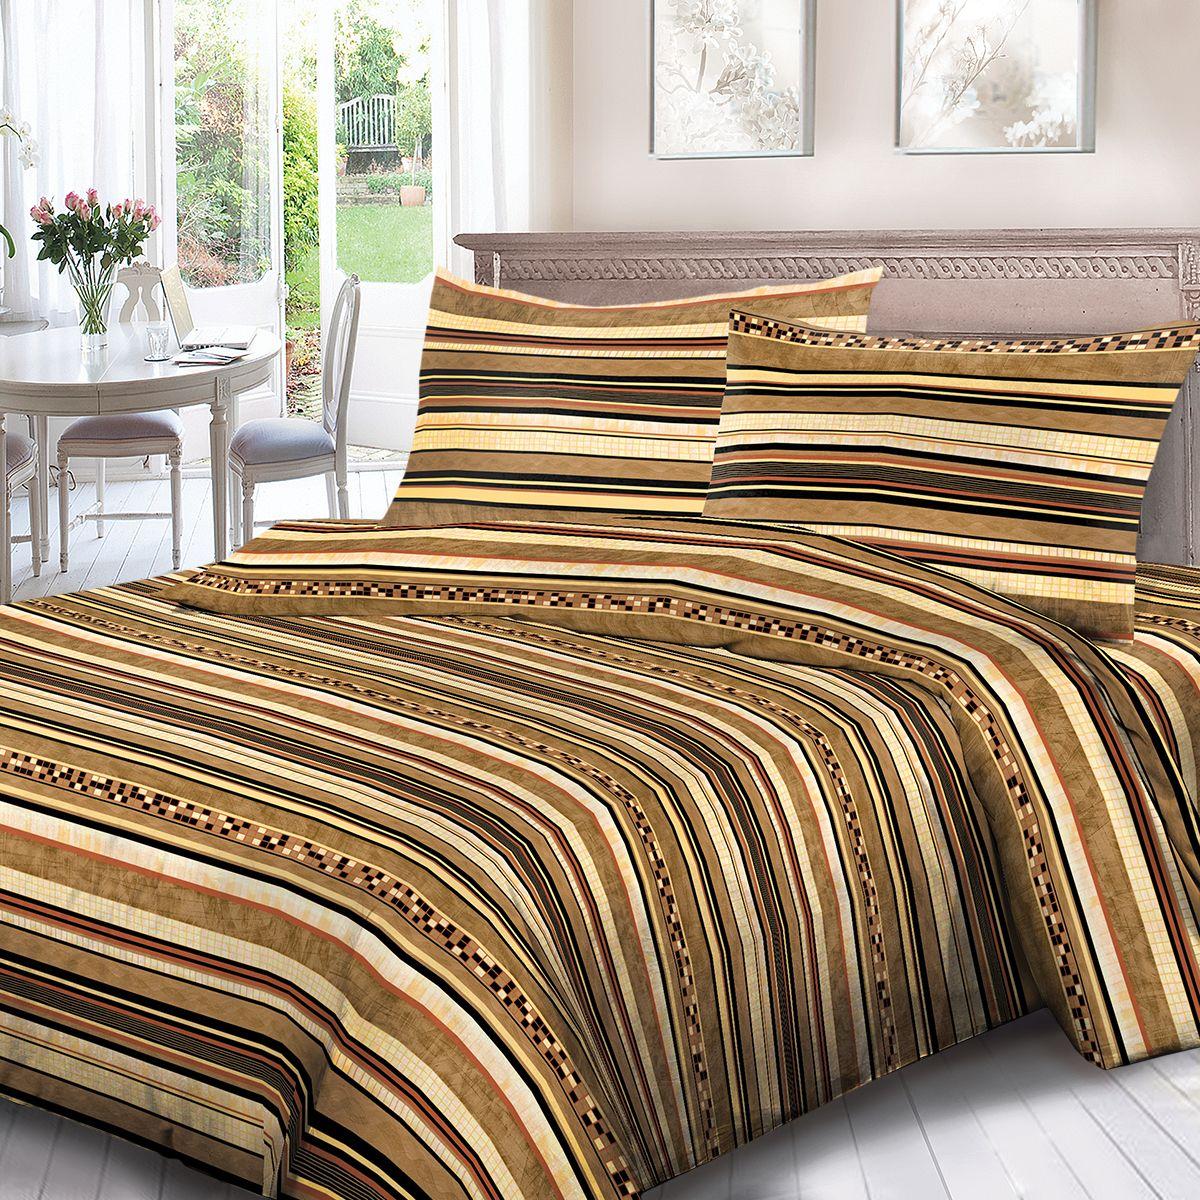 Комплект белья Для Снов Шанталь, 1,5 спальное, наволочки 70x70, цвет: коричневый. 1680-284383